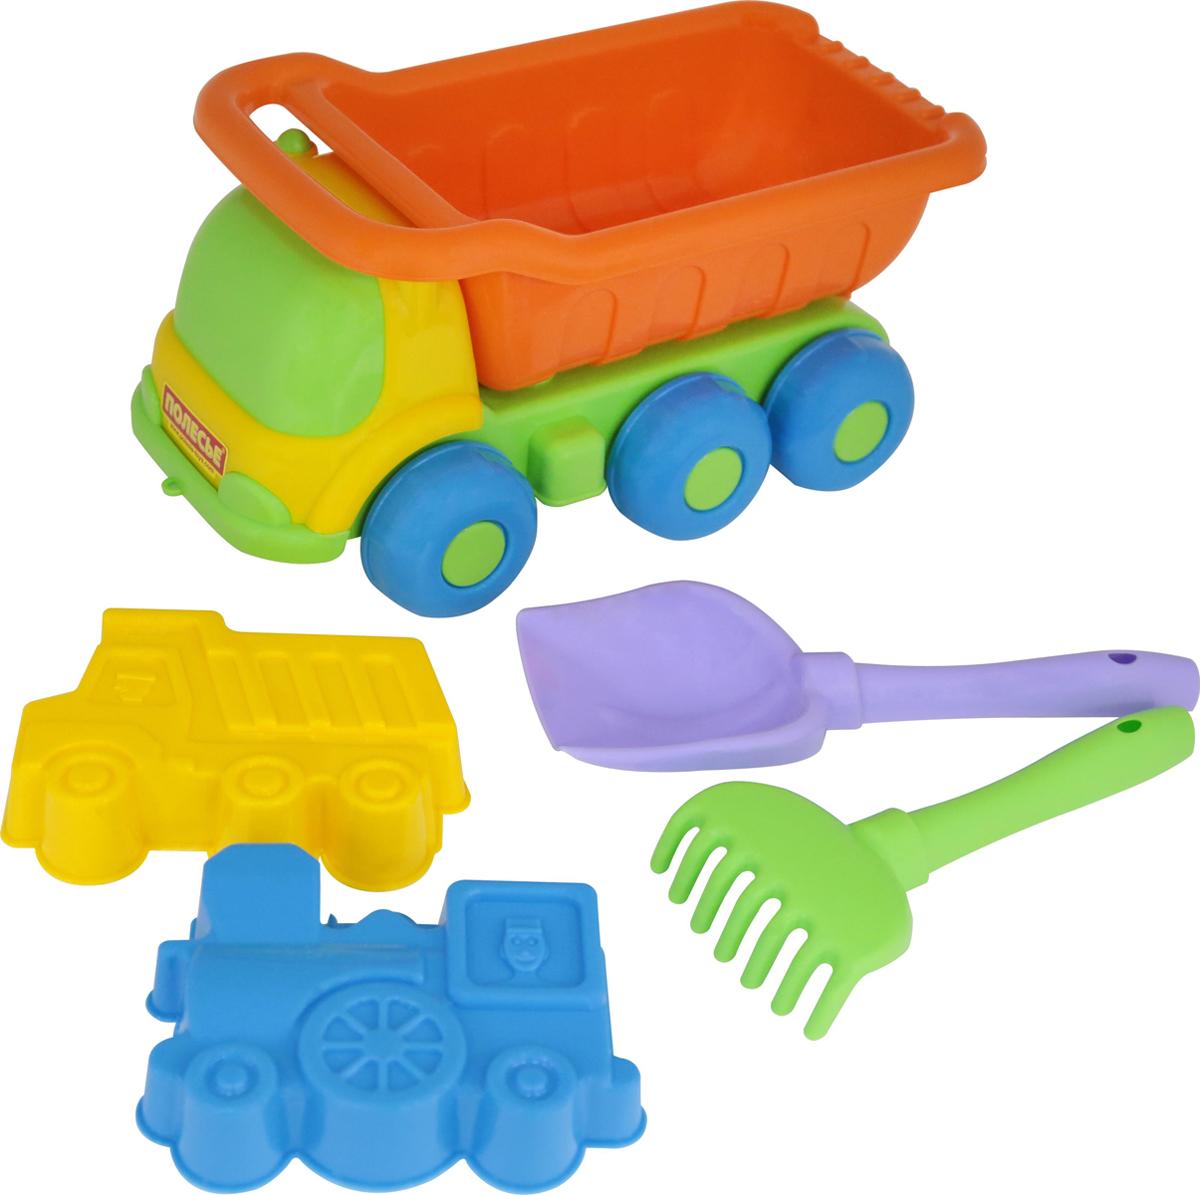 Полесье Набор игрушек для песочницы №269 Кеша полесье набор для песочницы 340